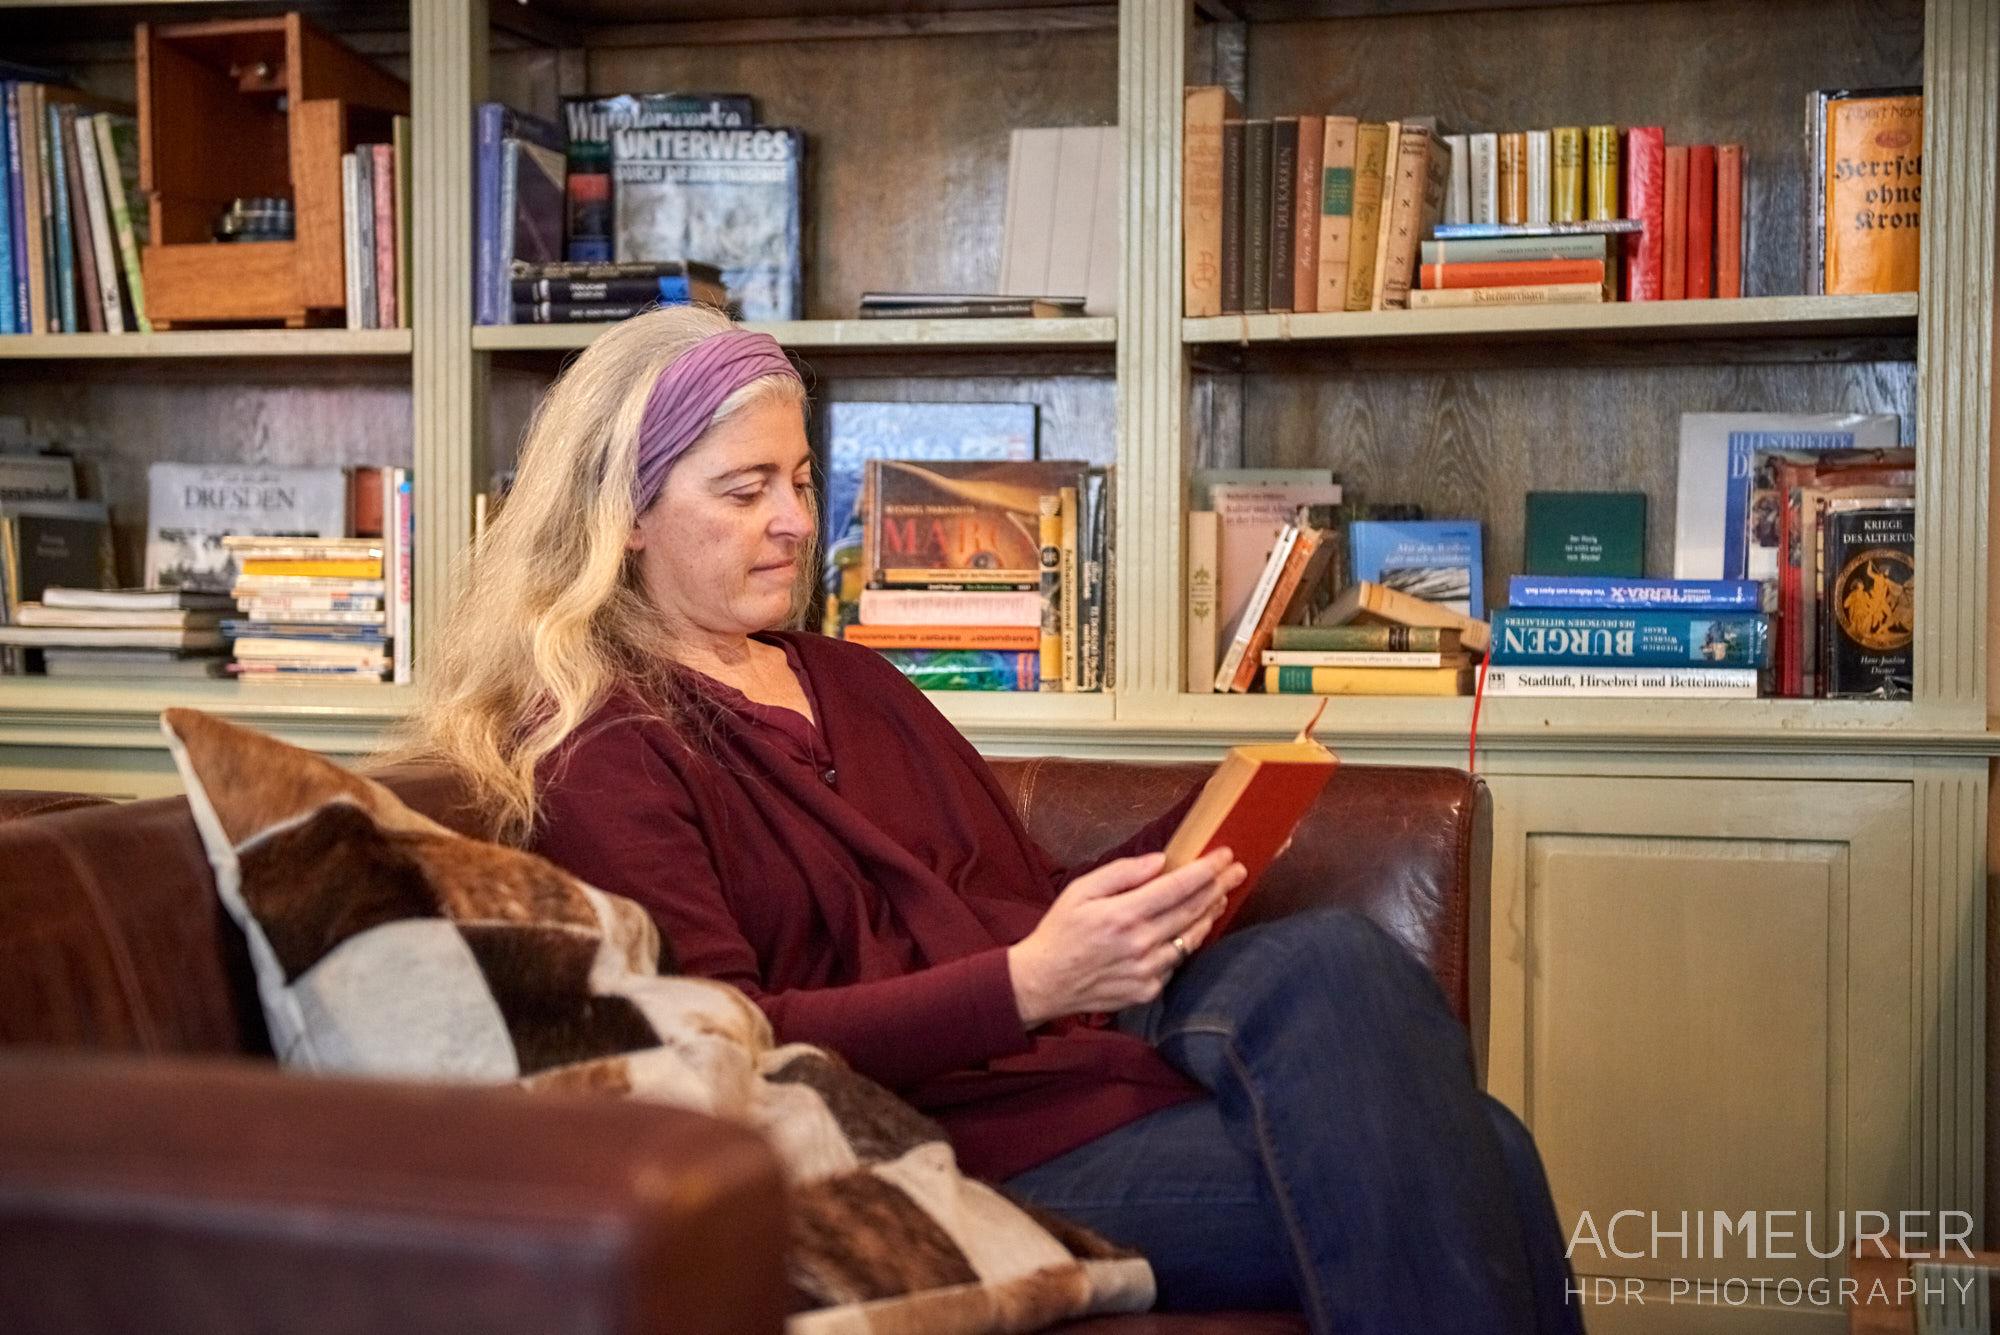 Schmilka-Bibliothek-Buch-Lesen_2960 by AchimMeurer.com                     .